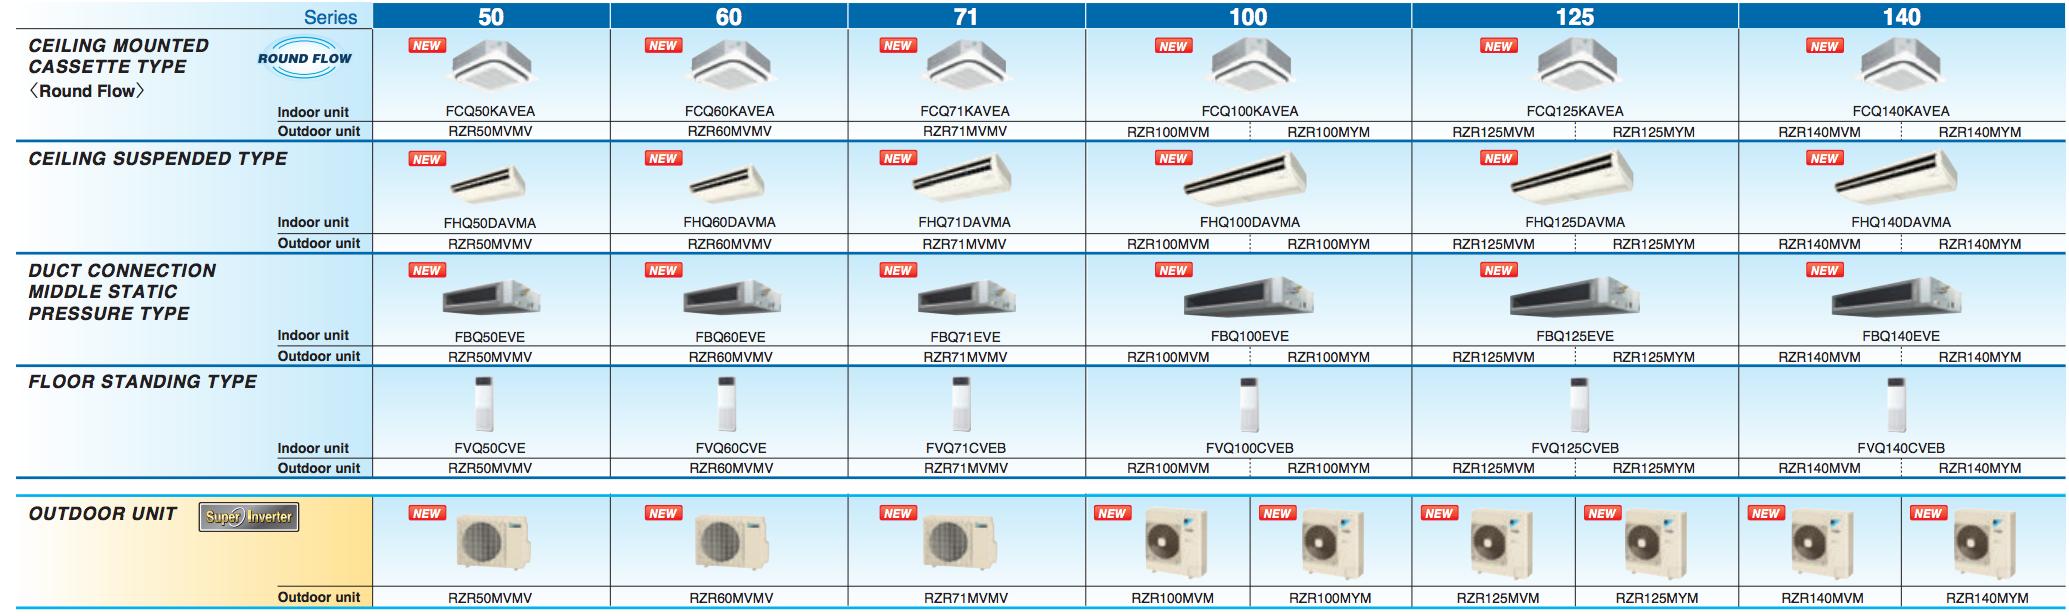 Điều hòa Âm trần nối ống gió Daikin 1 Chiều 43.000 Btu | Kiểu dáng dàn lạnh